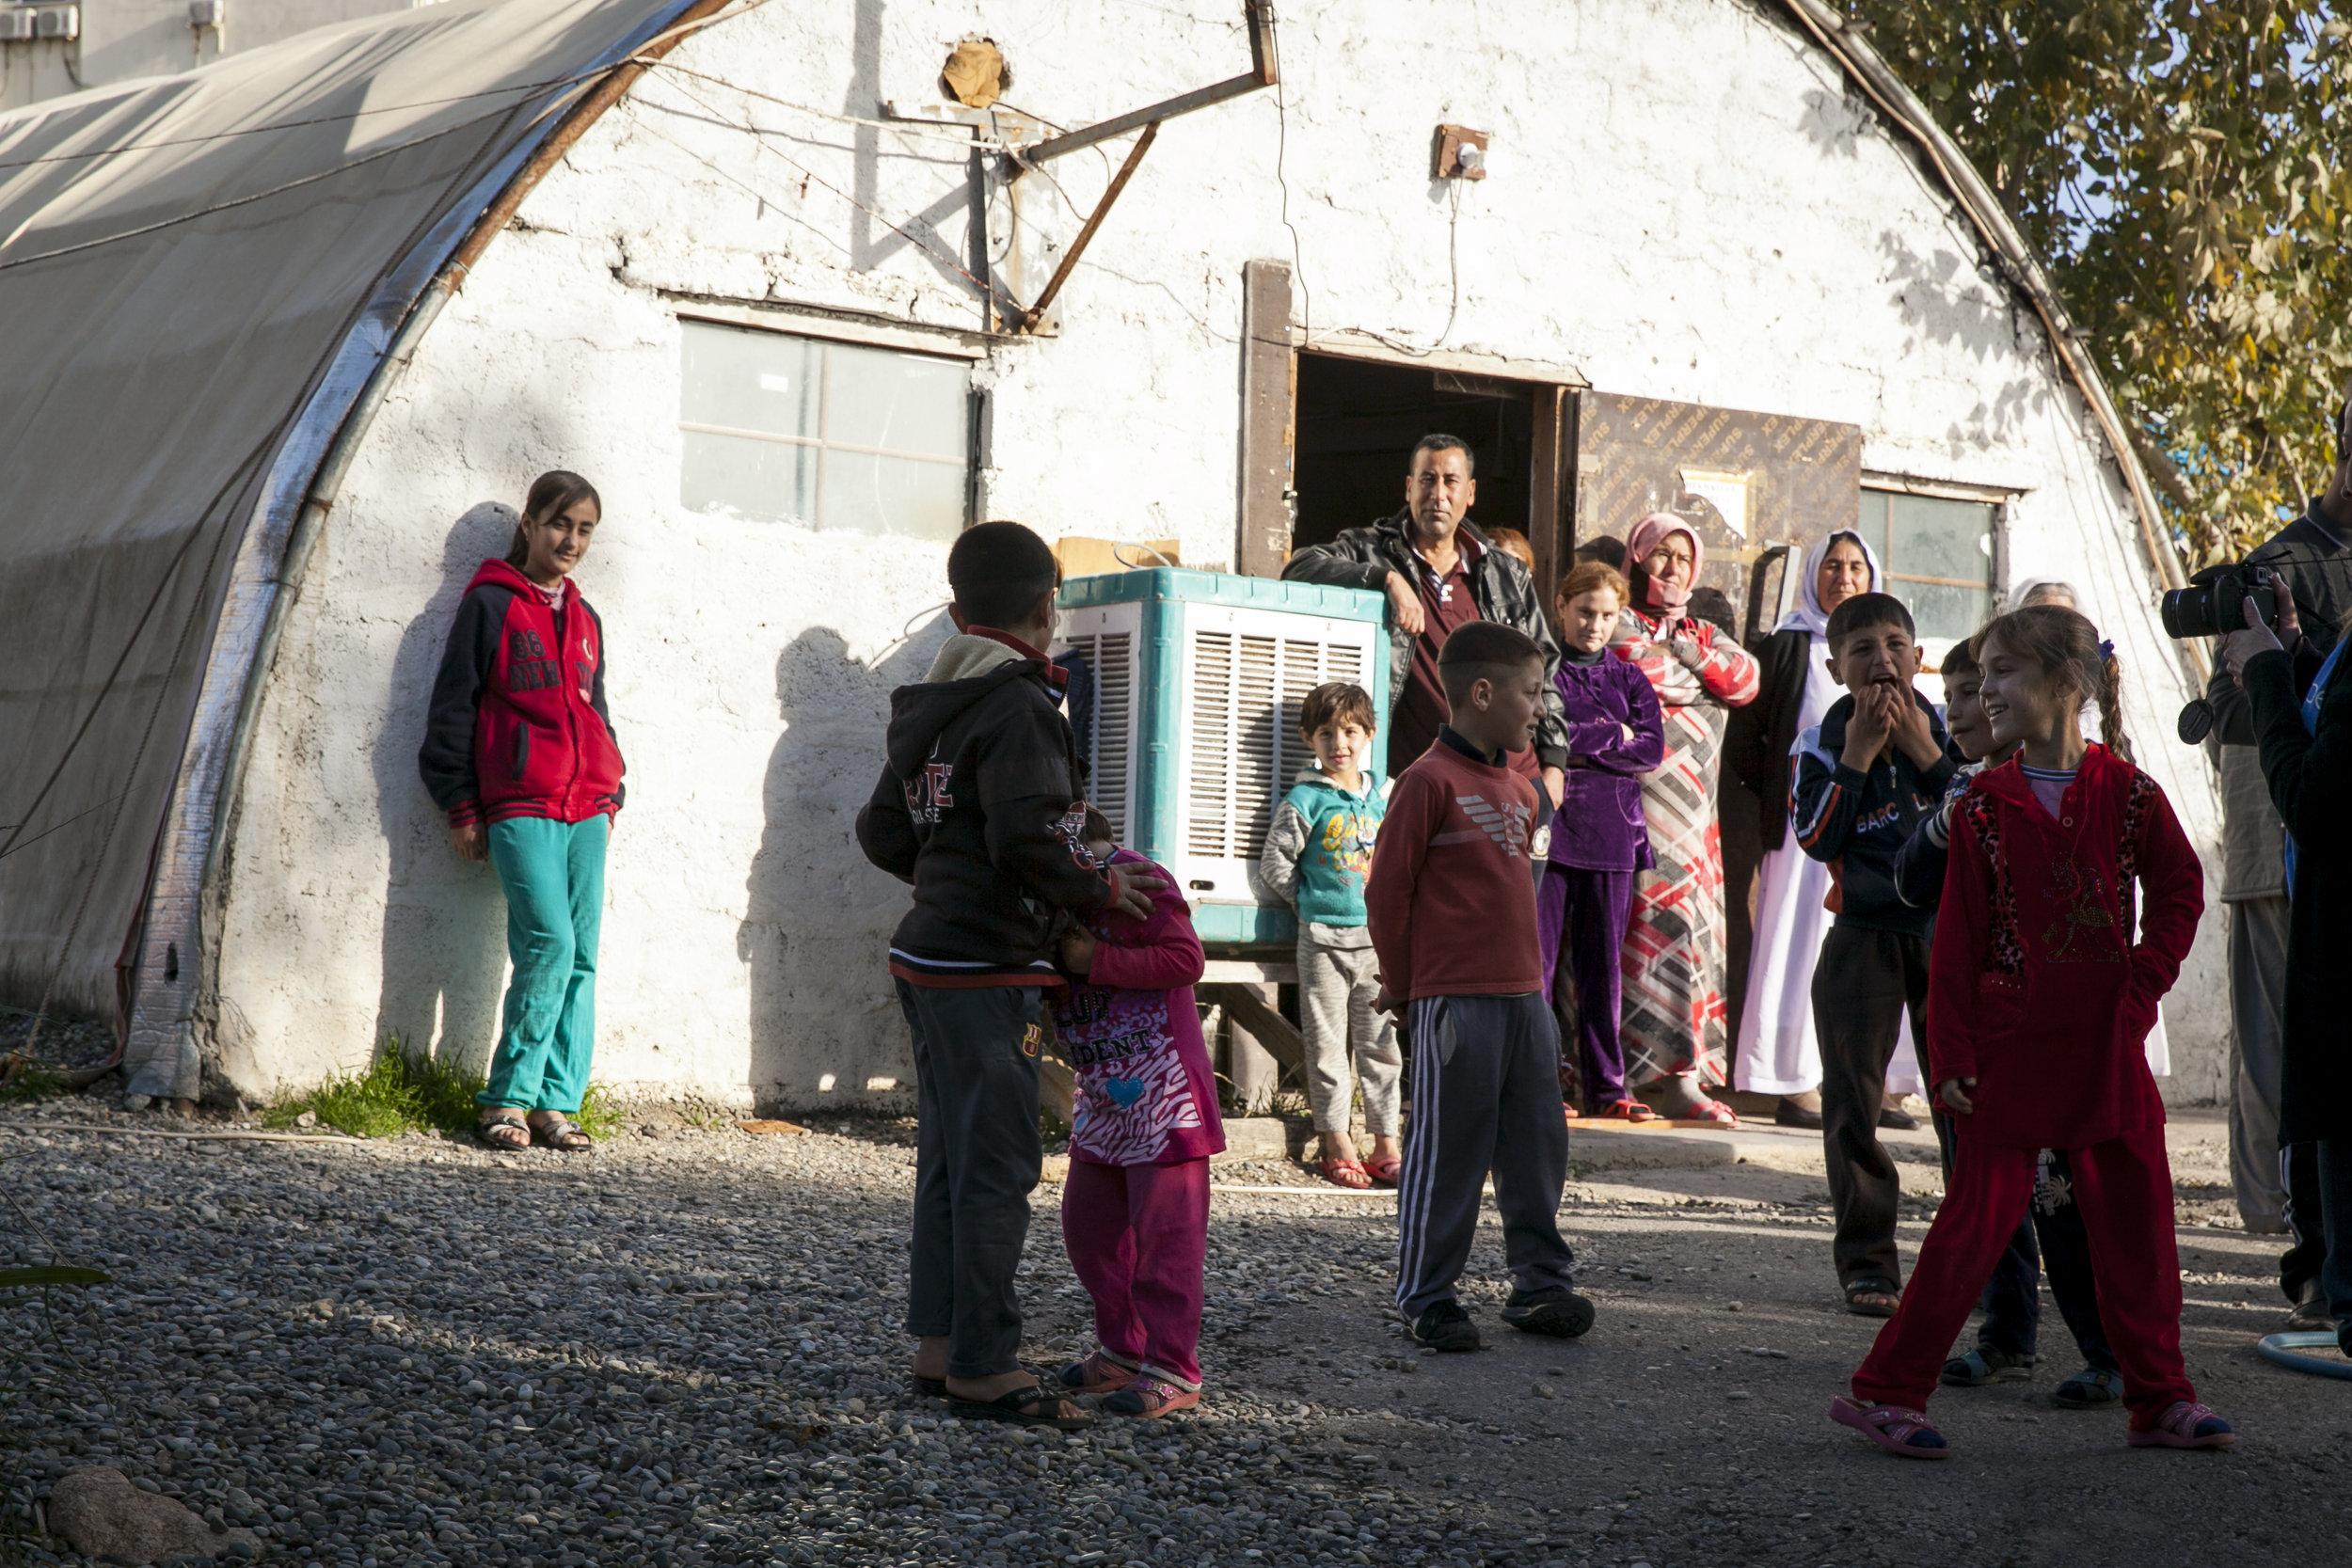 20141205_Refugee_GH_0505.jpg